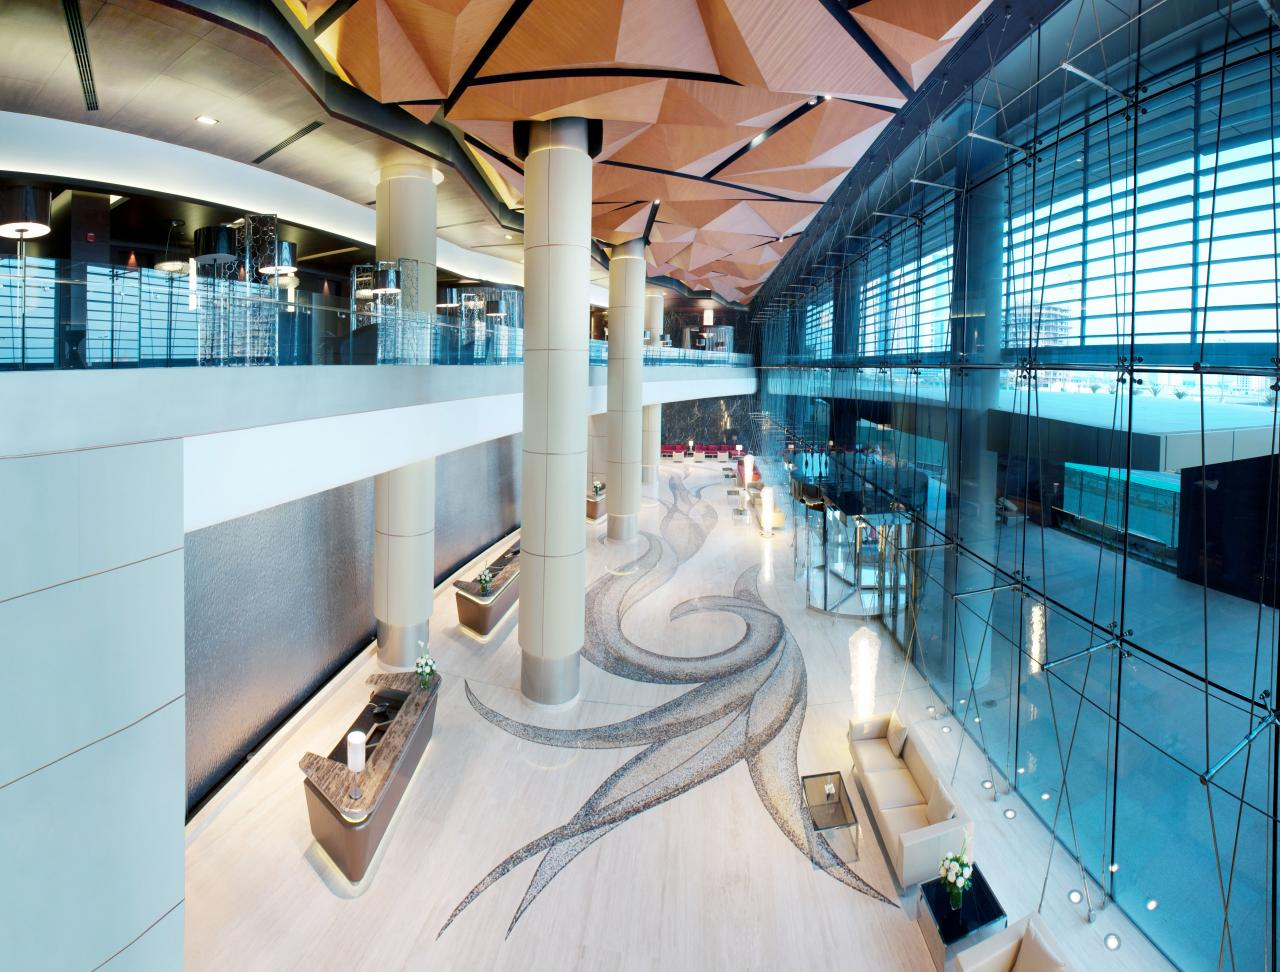 السياحة فى البحرين وأفضل الاماكن السياحية للعائلات و أفضل مراكز التسوق